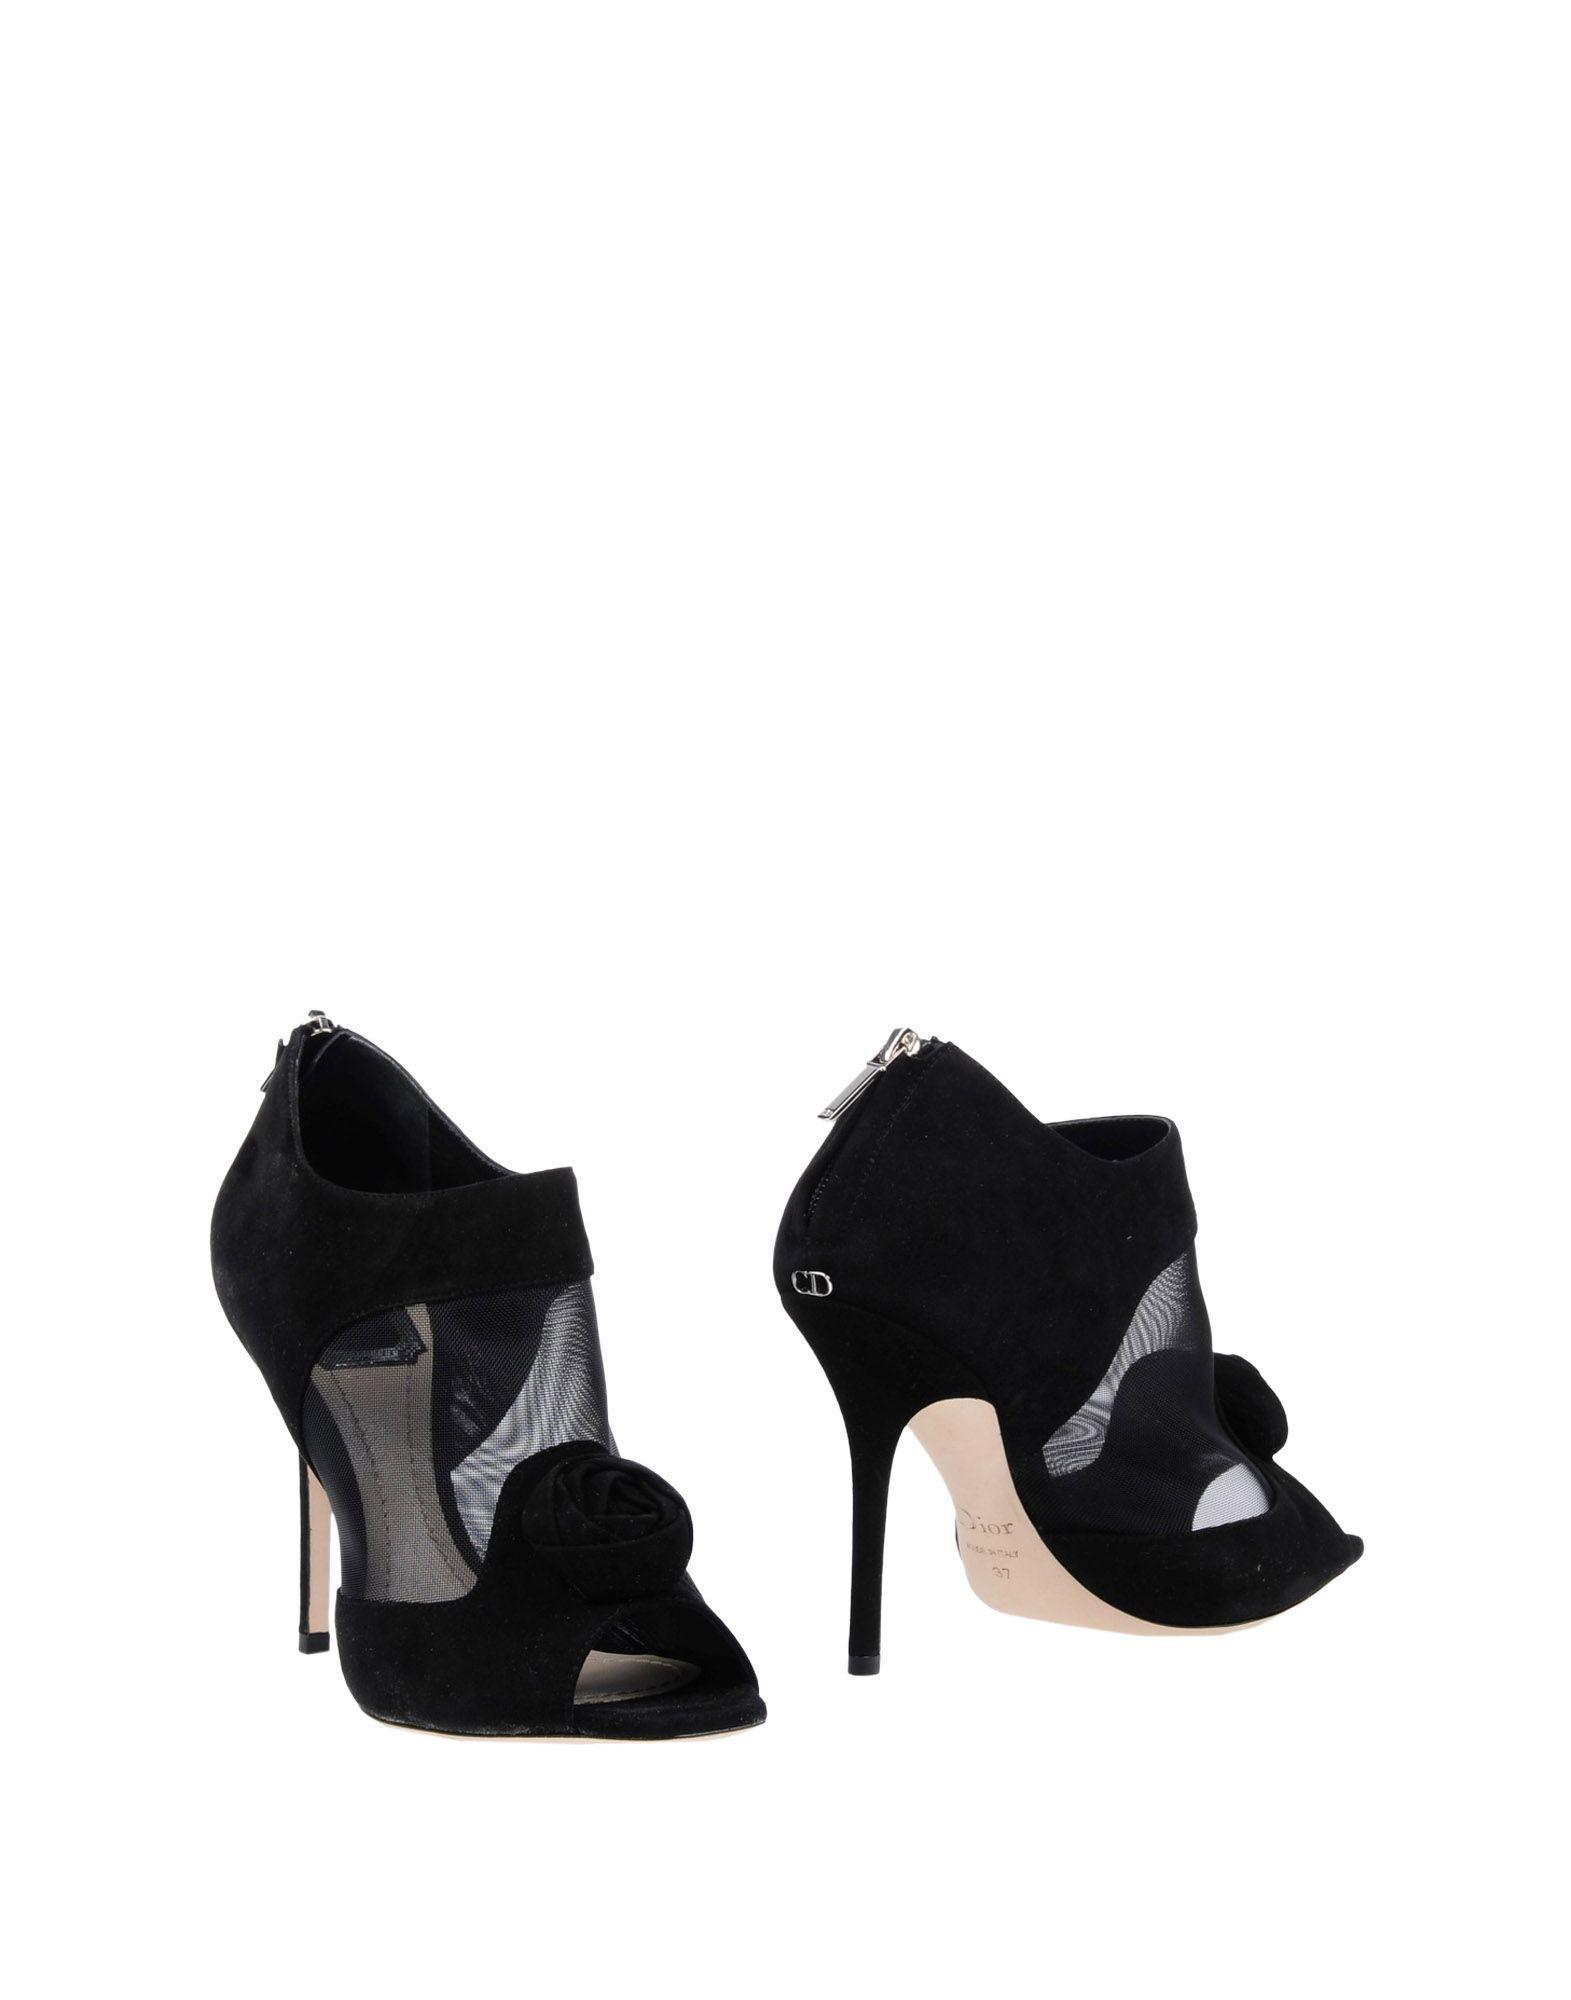 Dior Schuhe Stiefelette Damen  11455162FK Heiße Schuhe Dior 10f341